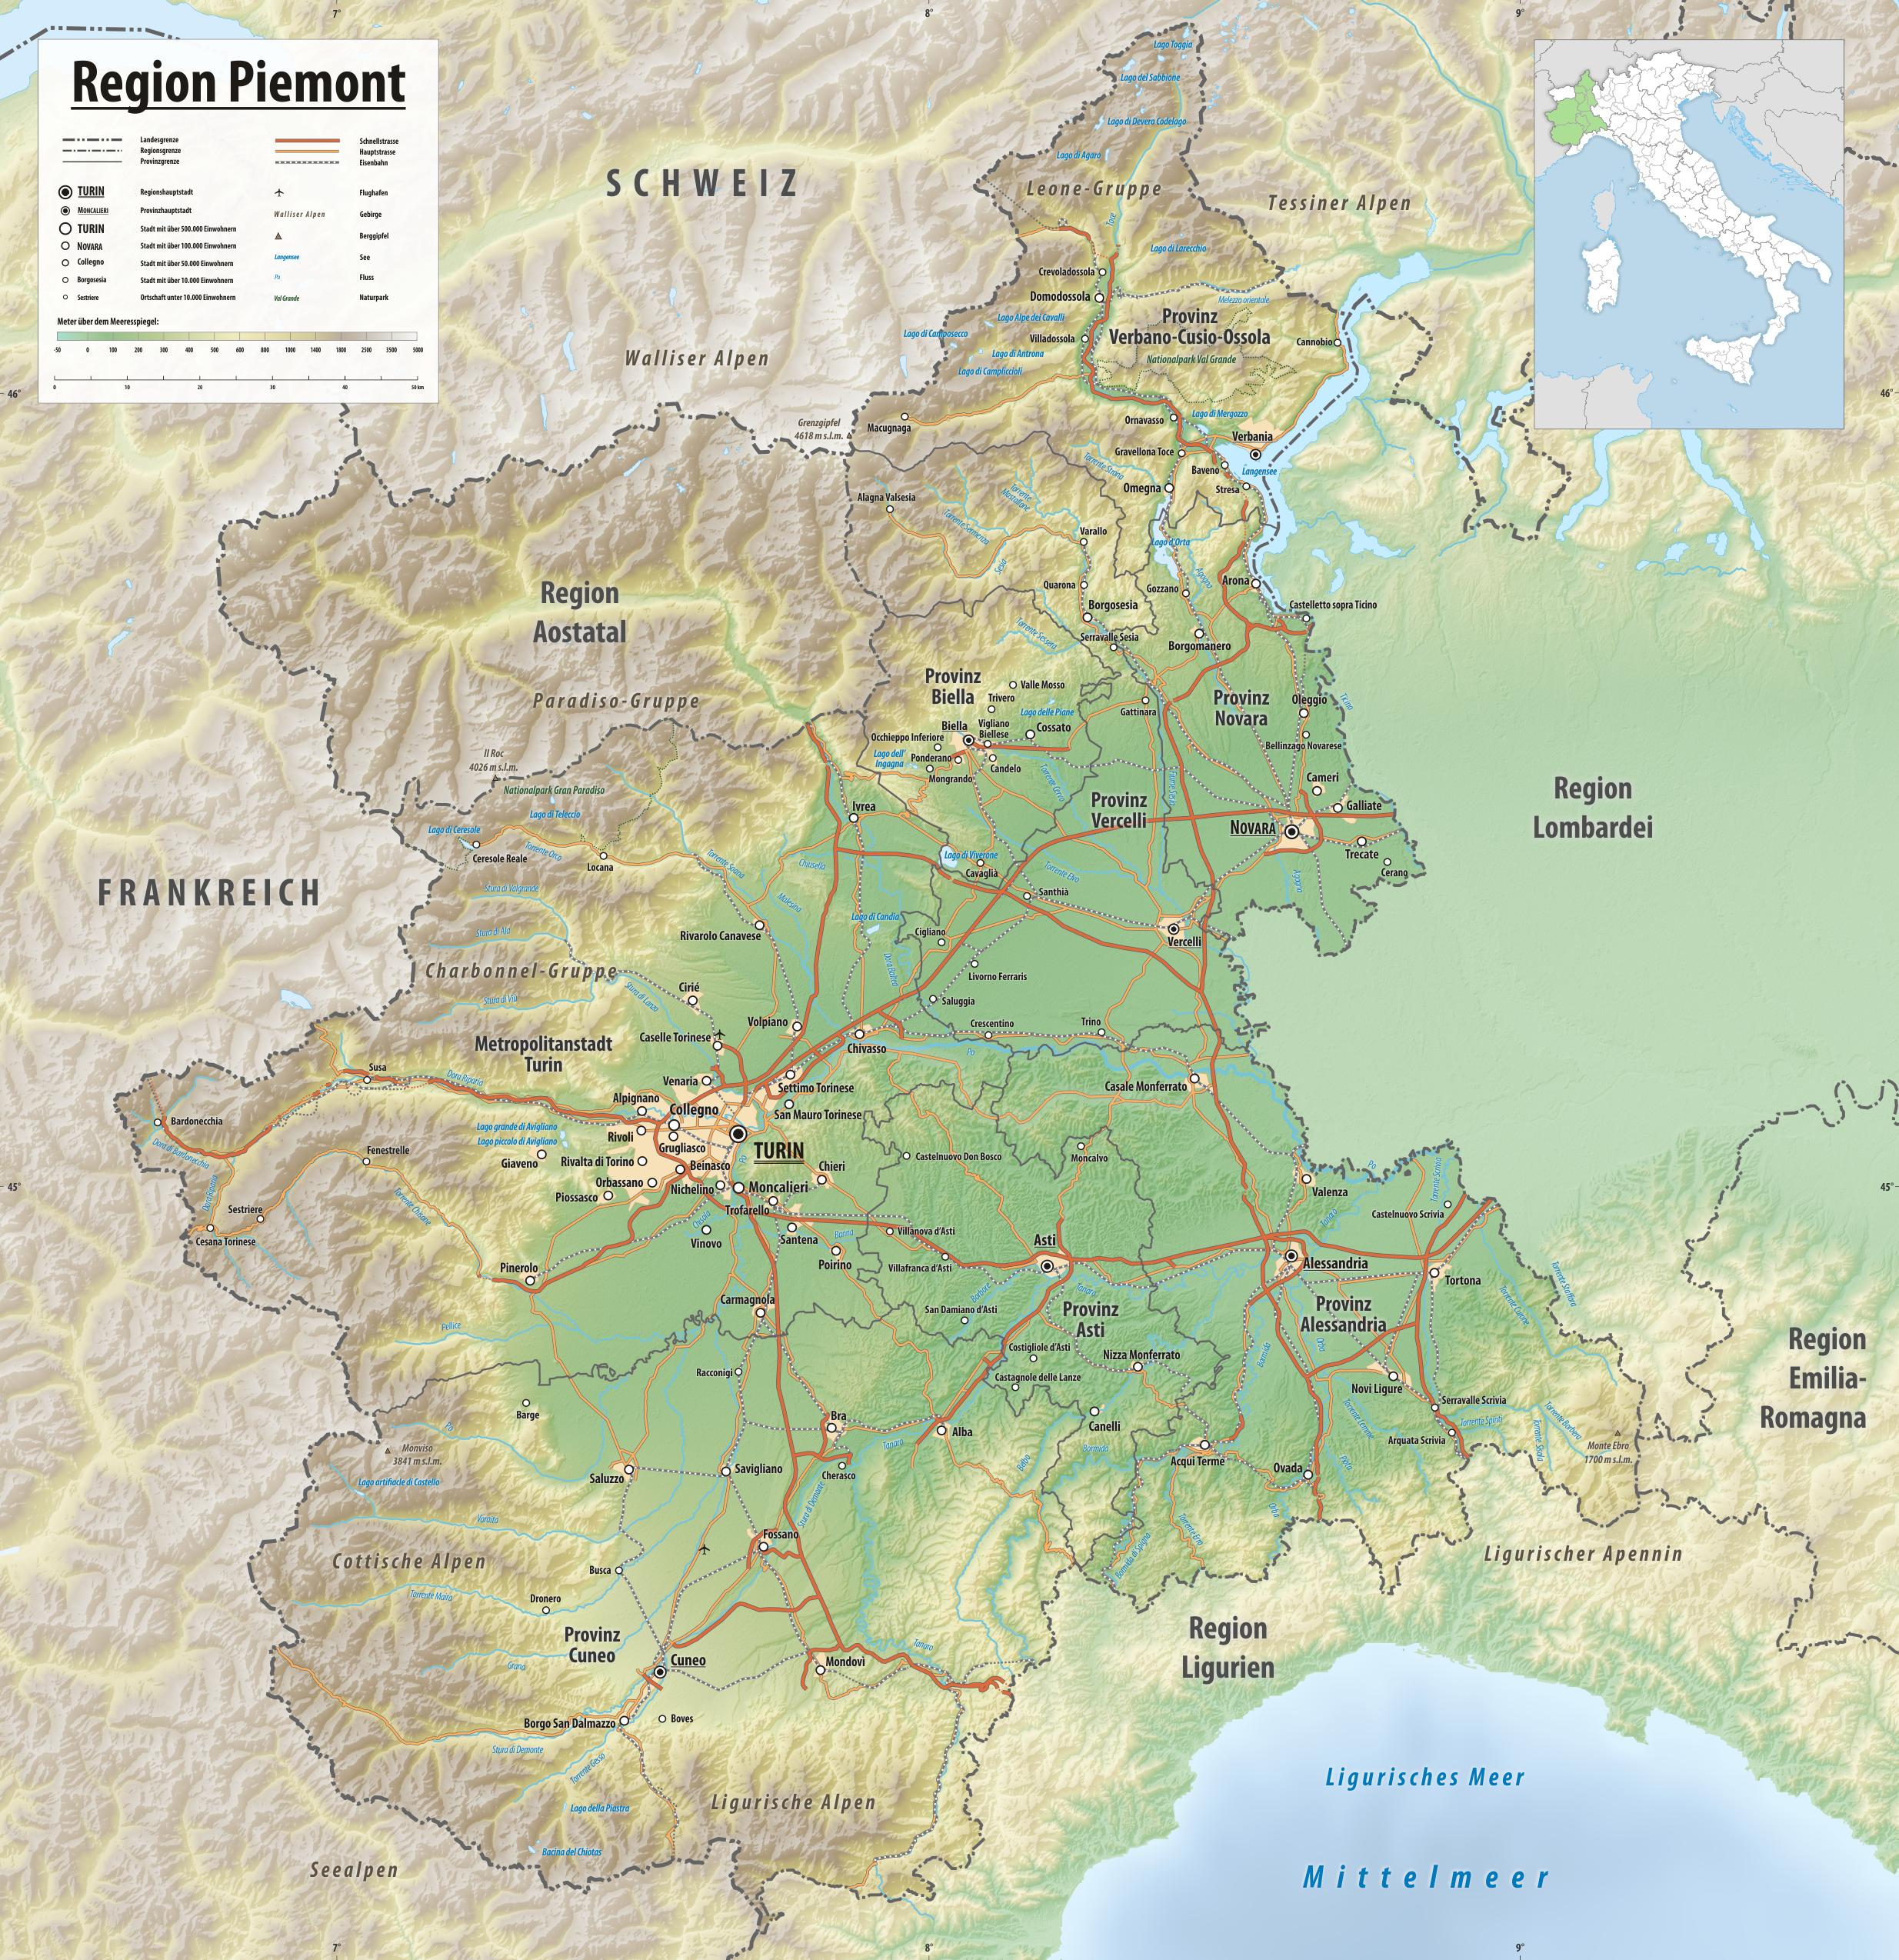 Reliefkarte Piemont 2019.png